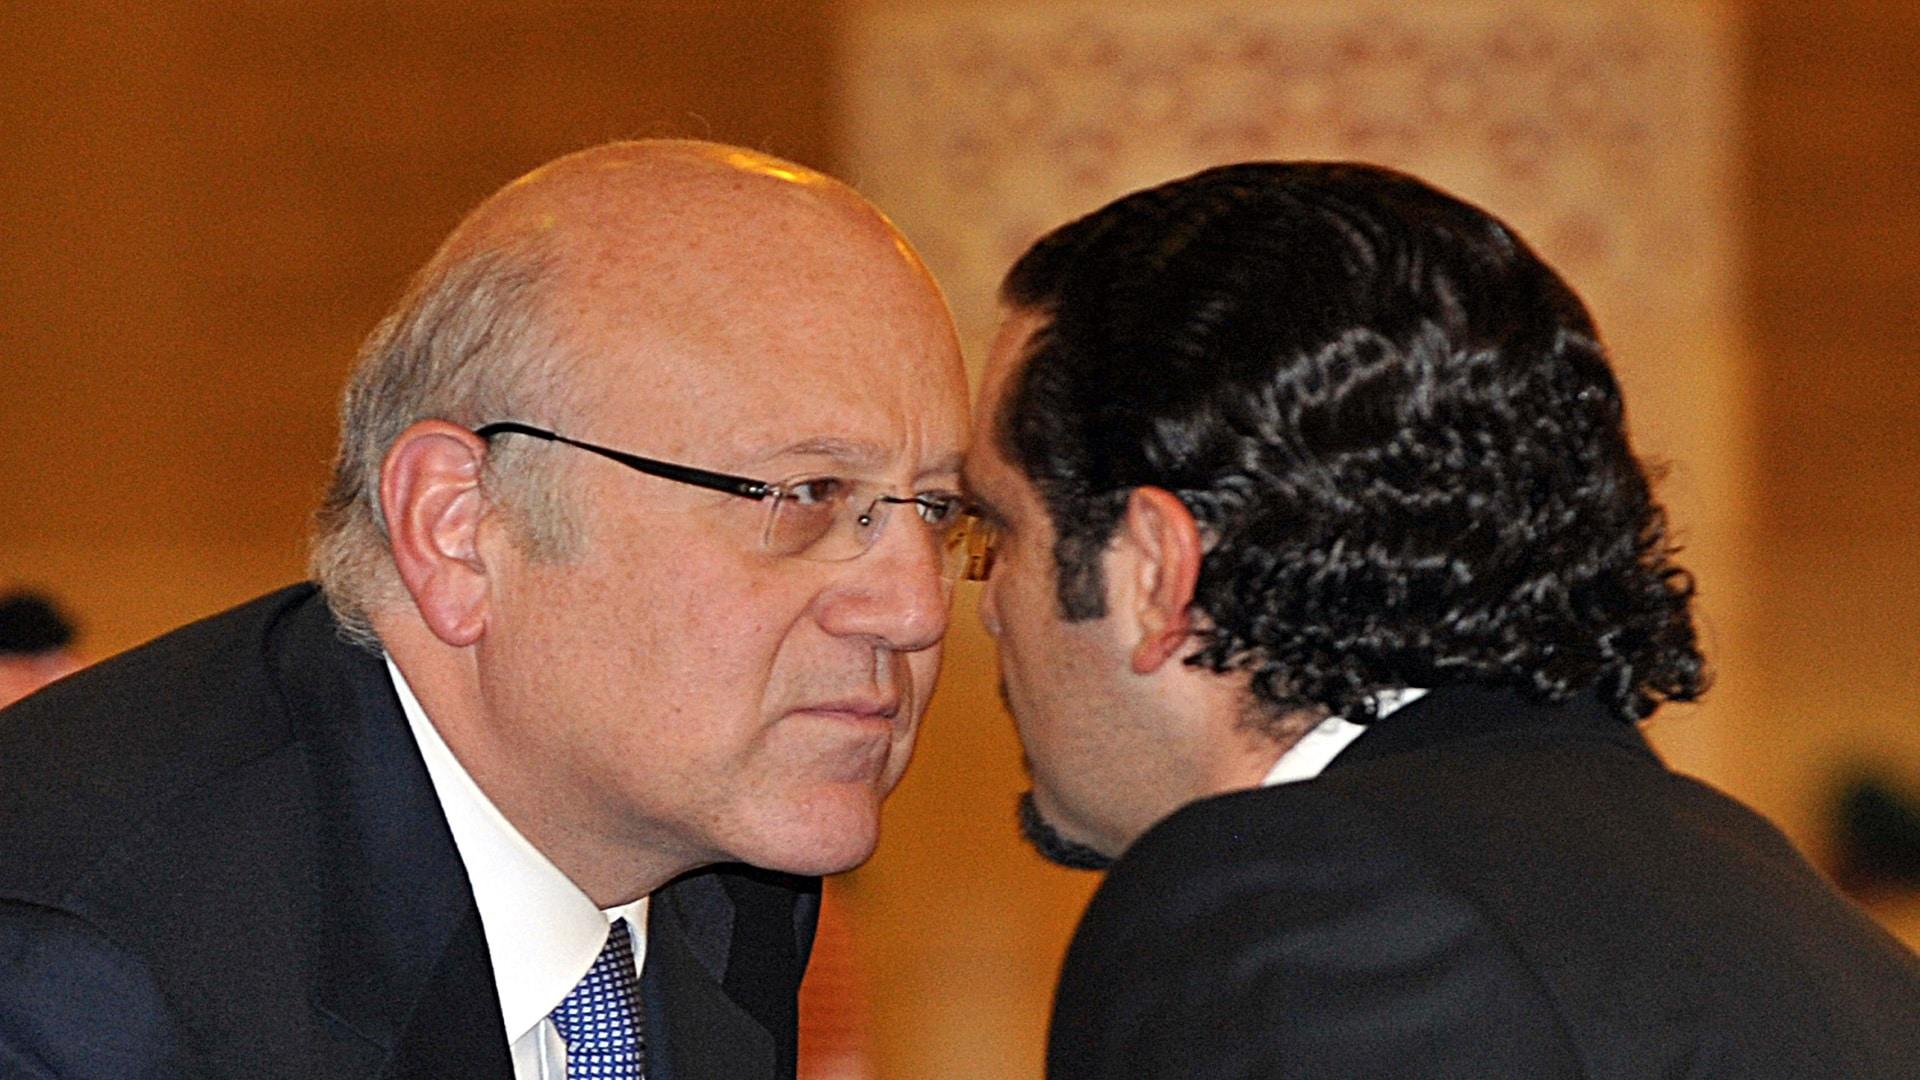 كواليس الساعات الاخيرة لتسمية رئيس حكومة لبنان